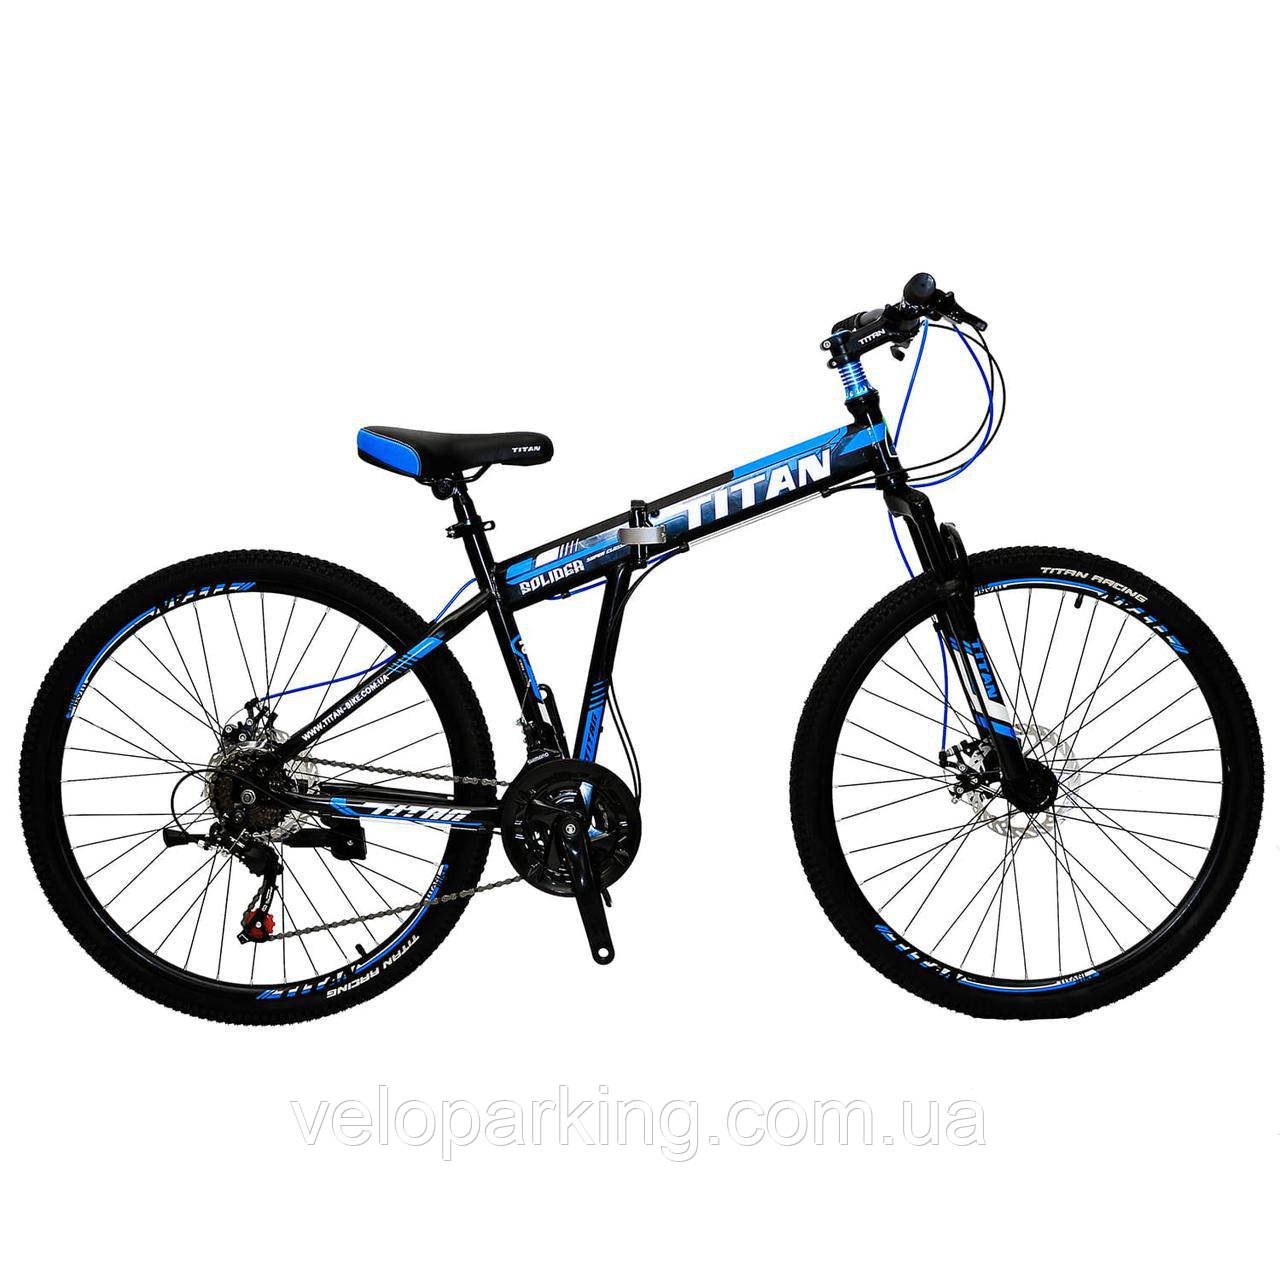 Горный велосипед Titan Solider 26 NEW 2018